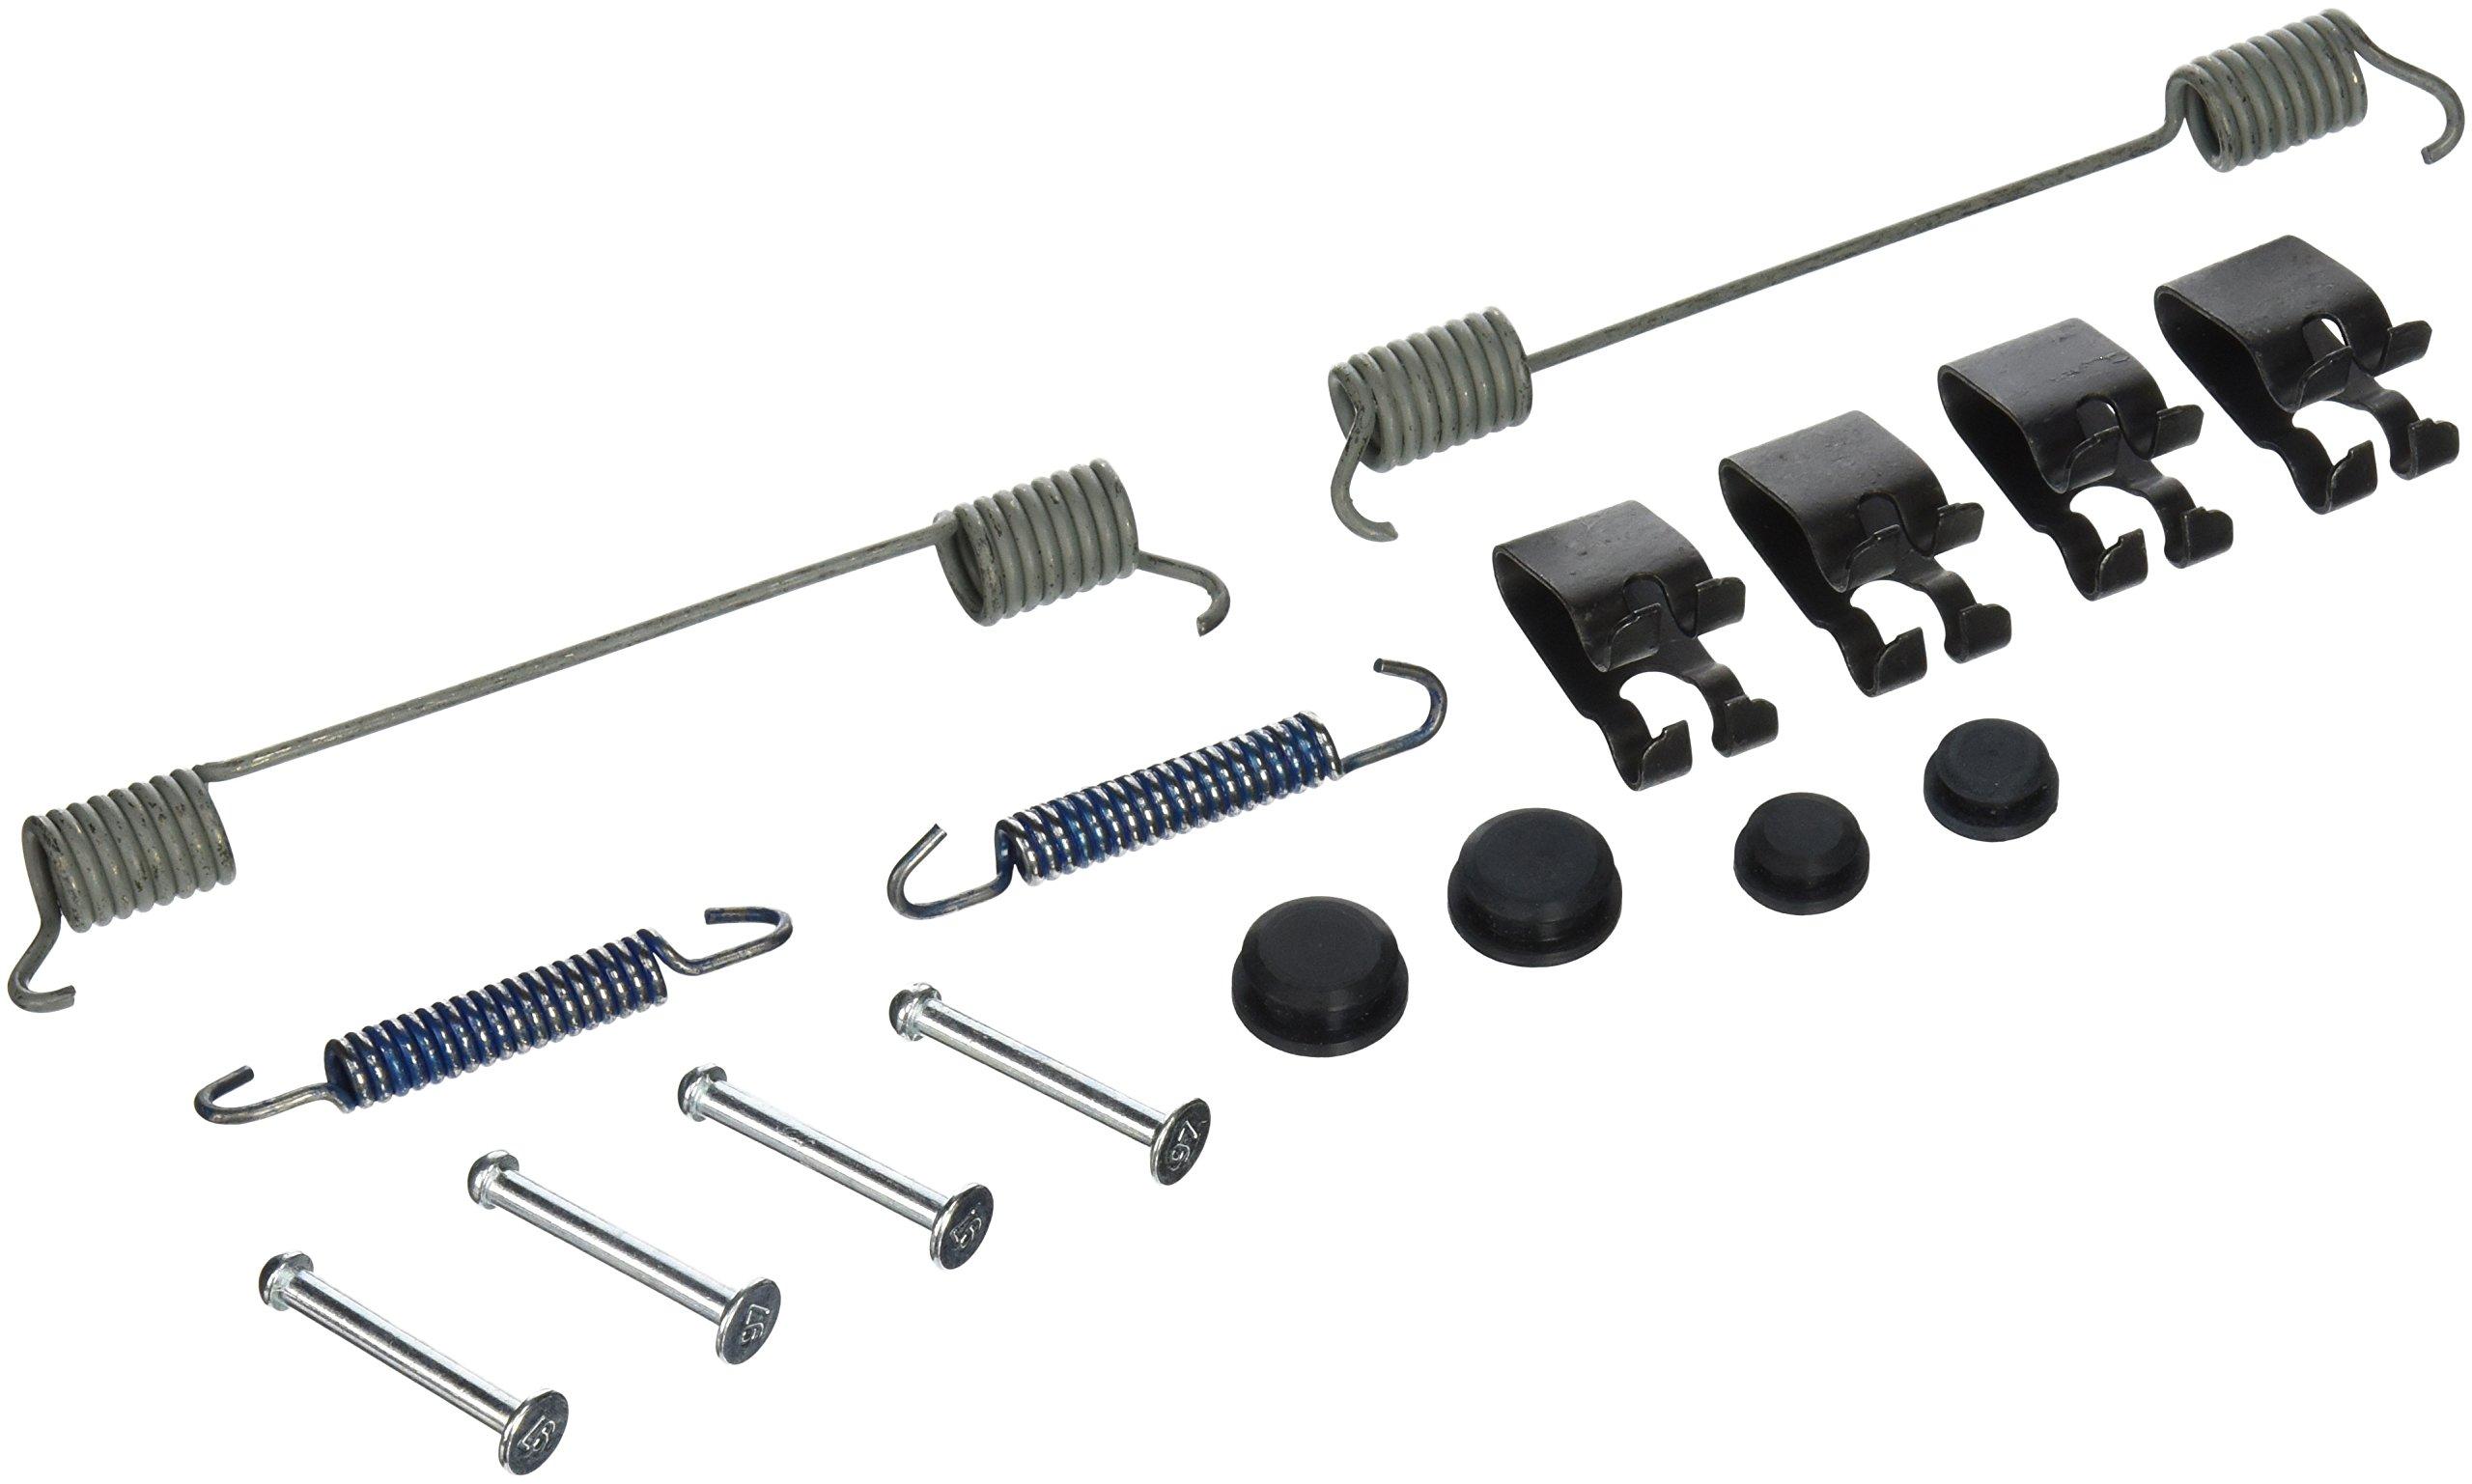 Carlson H7366 Rear Brake Drum Hardware Kit